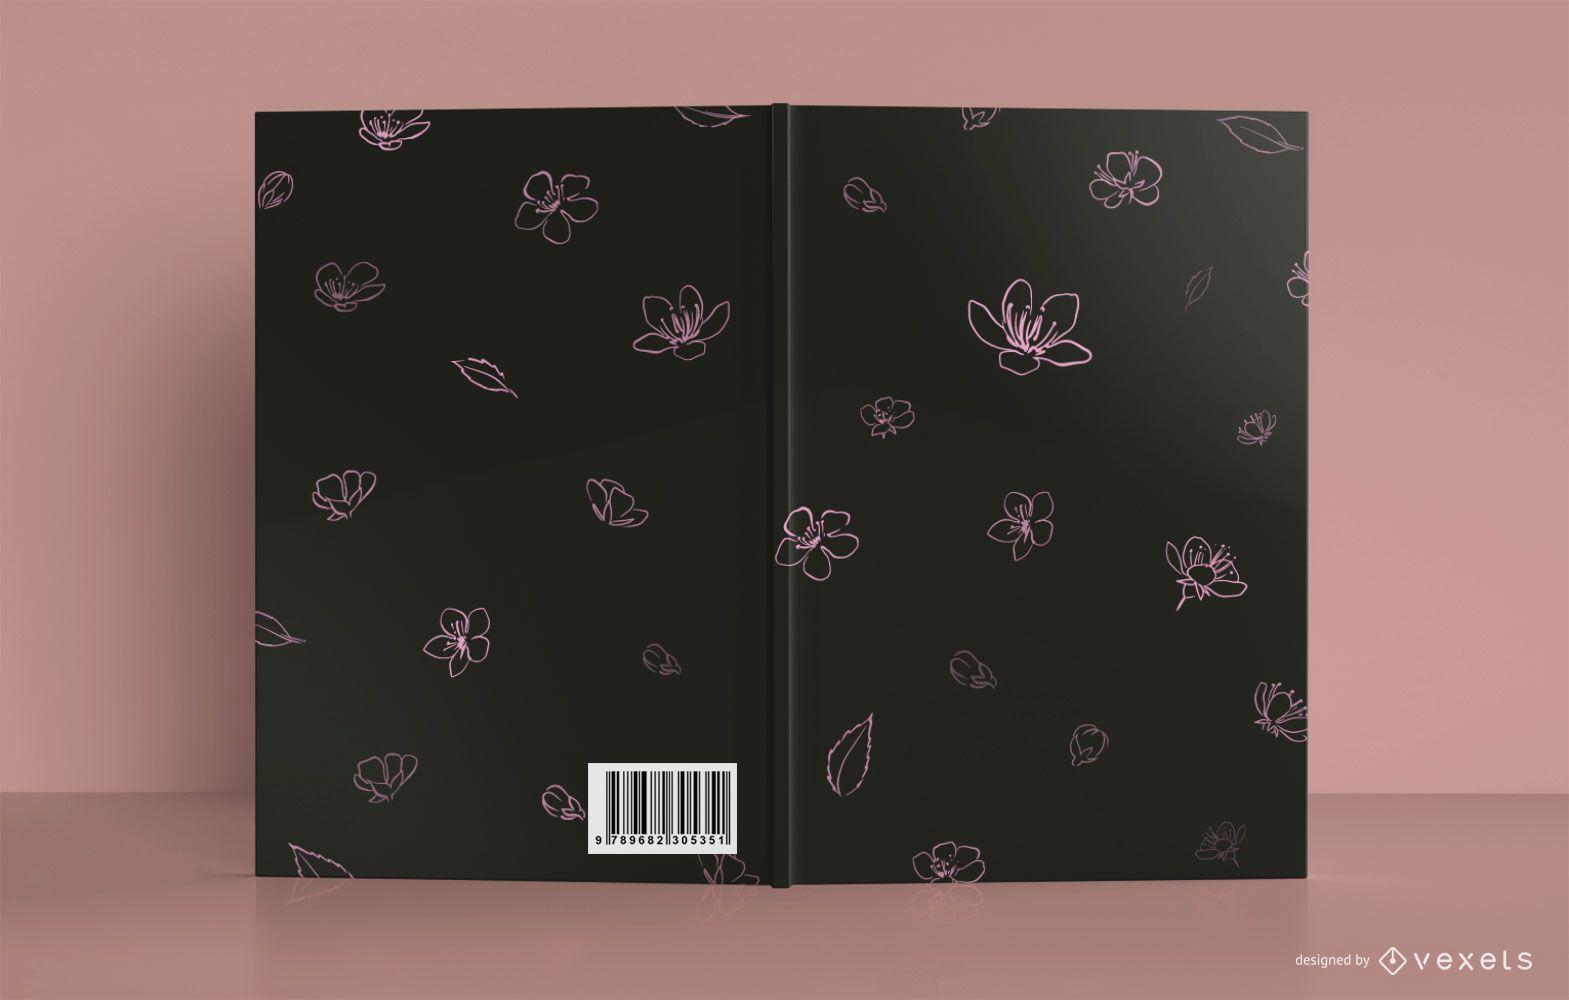 Floral Meditation Book Cover Design